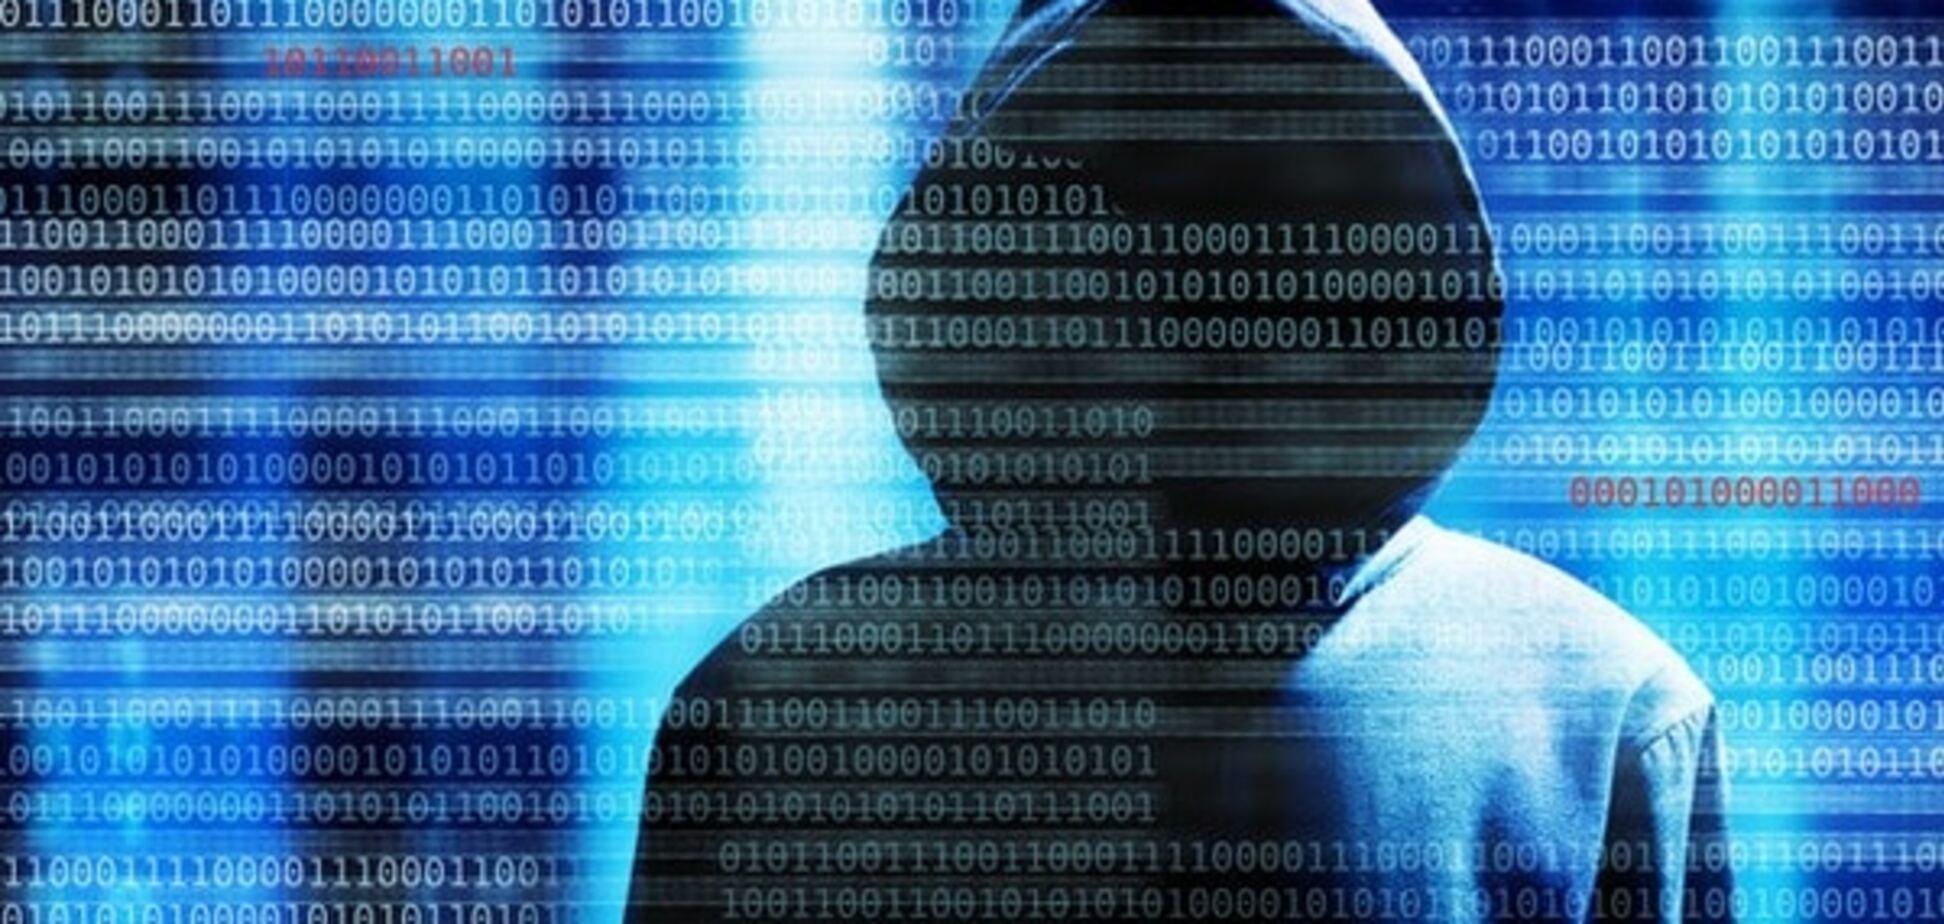 Ловкость рук: хакеры вывели из США $100 млн